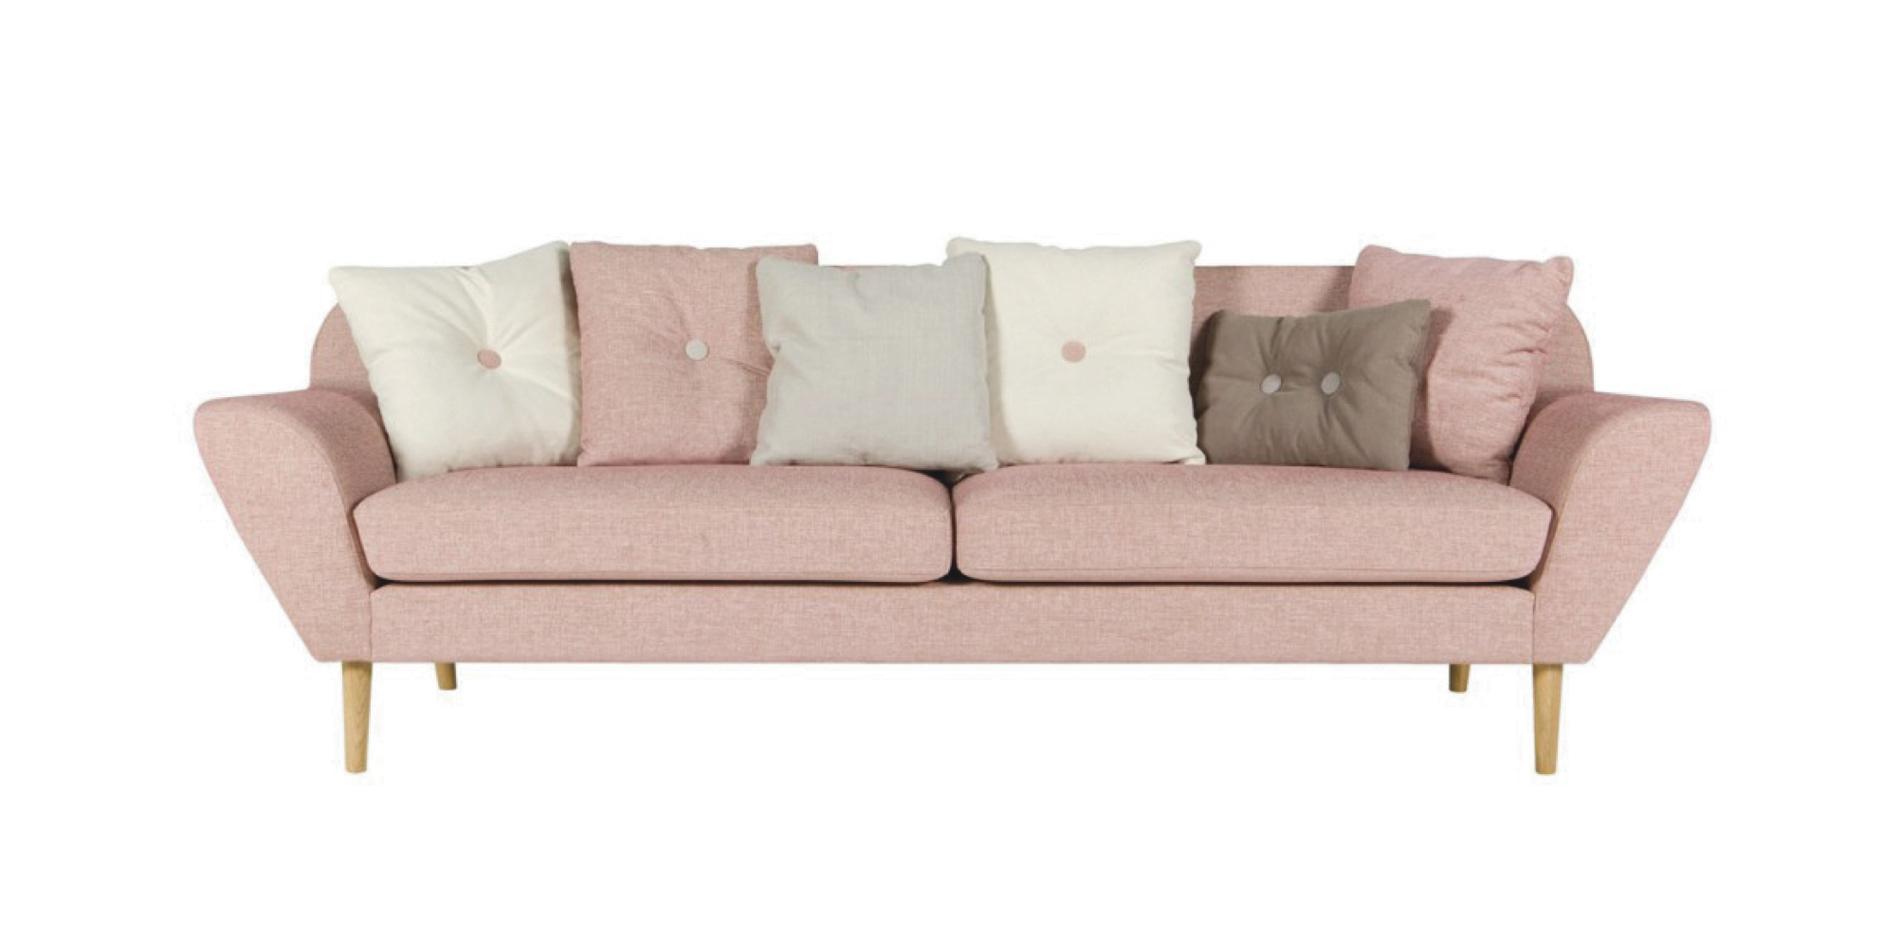 rose quartz et serenity les couleurs de l 39 ann e 2016. Black Bedroom Furniture Sets. Home Design Ideas